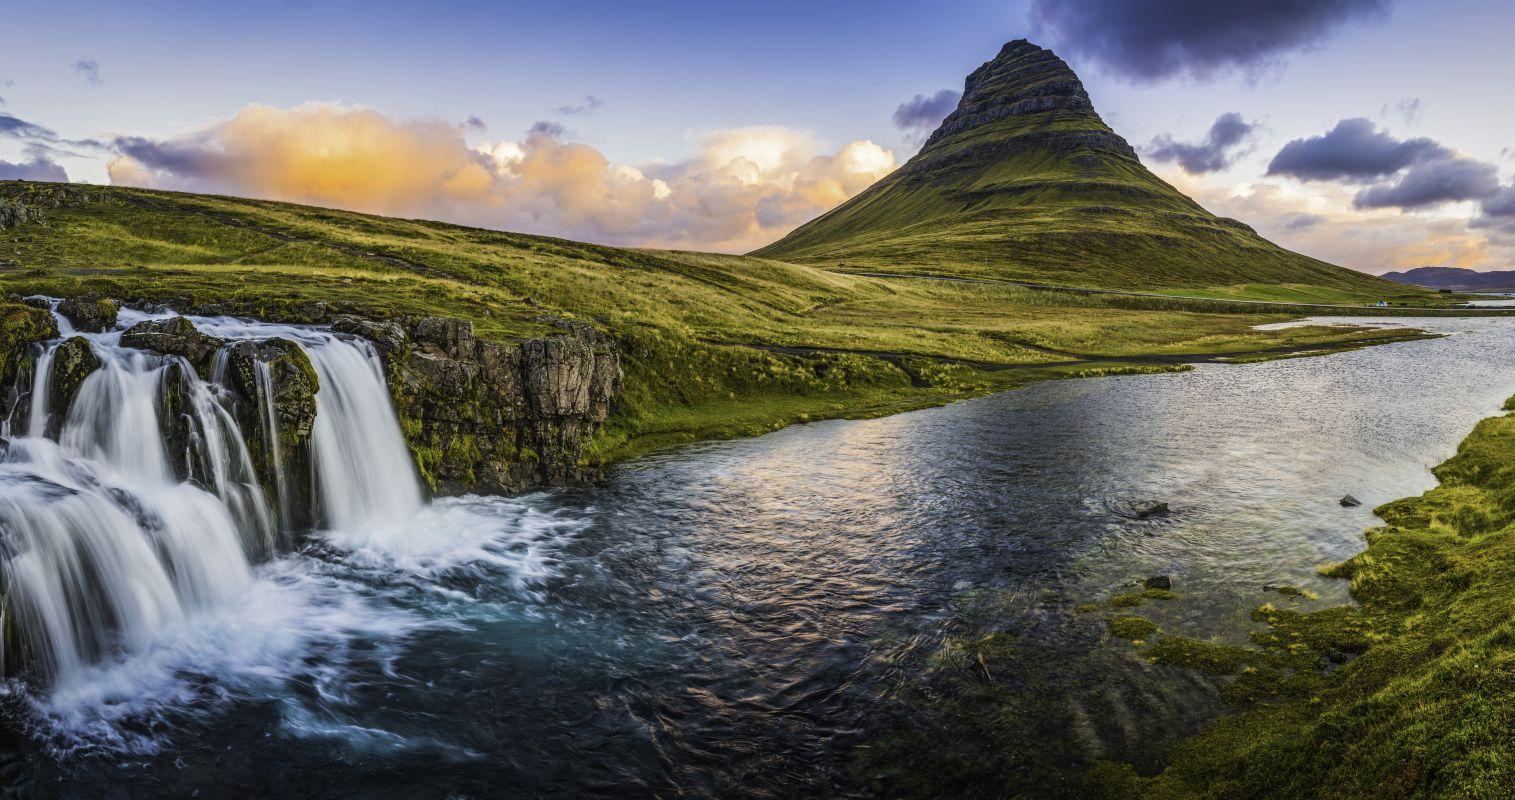 Kirkjufell-vízesés, Izland